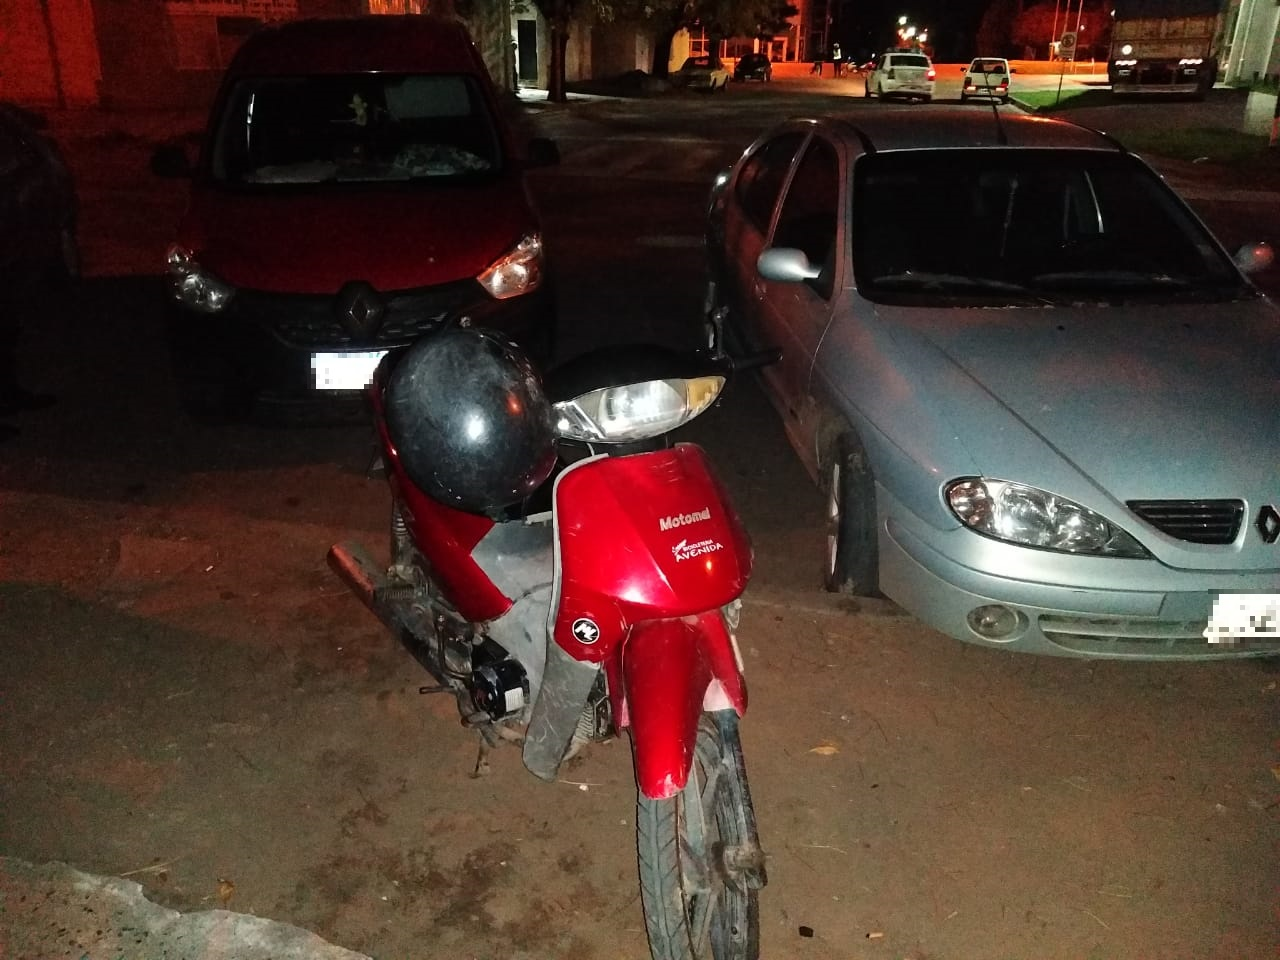 Choque entre camioneta y moto en calle 7 y 120: Una mujer fue hospitalizada